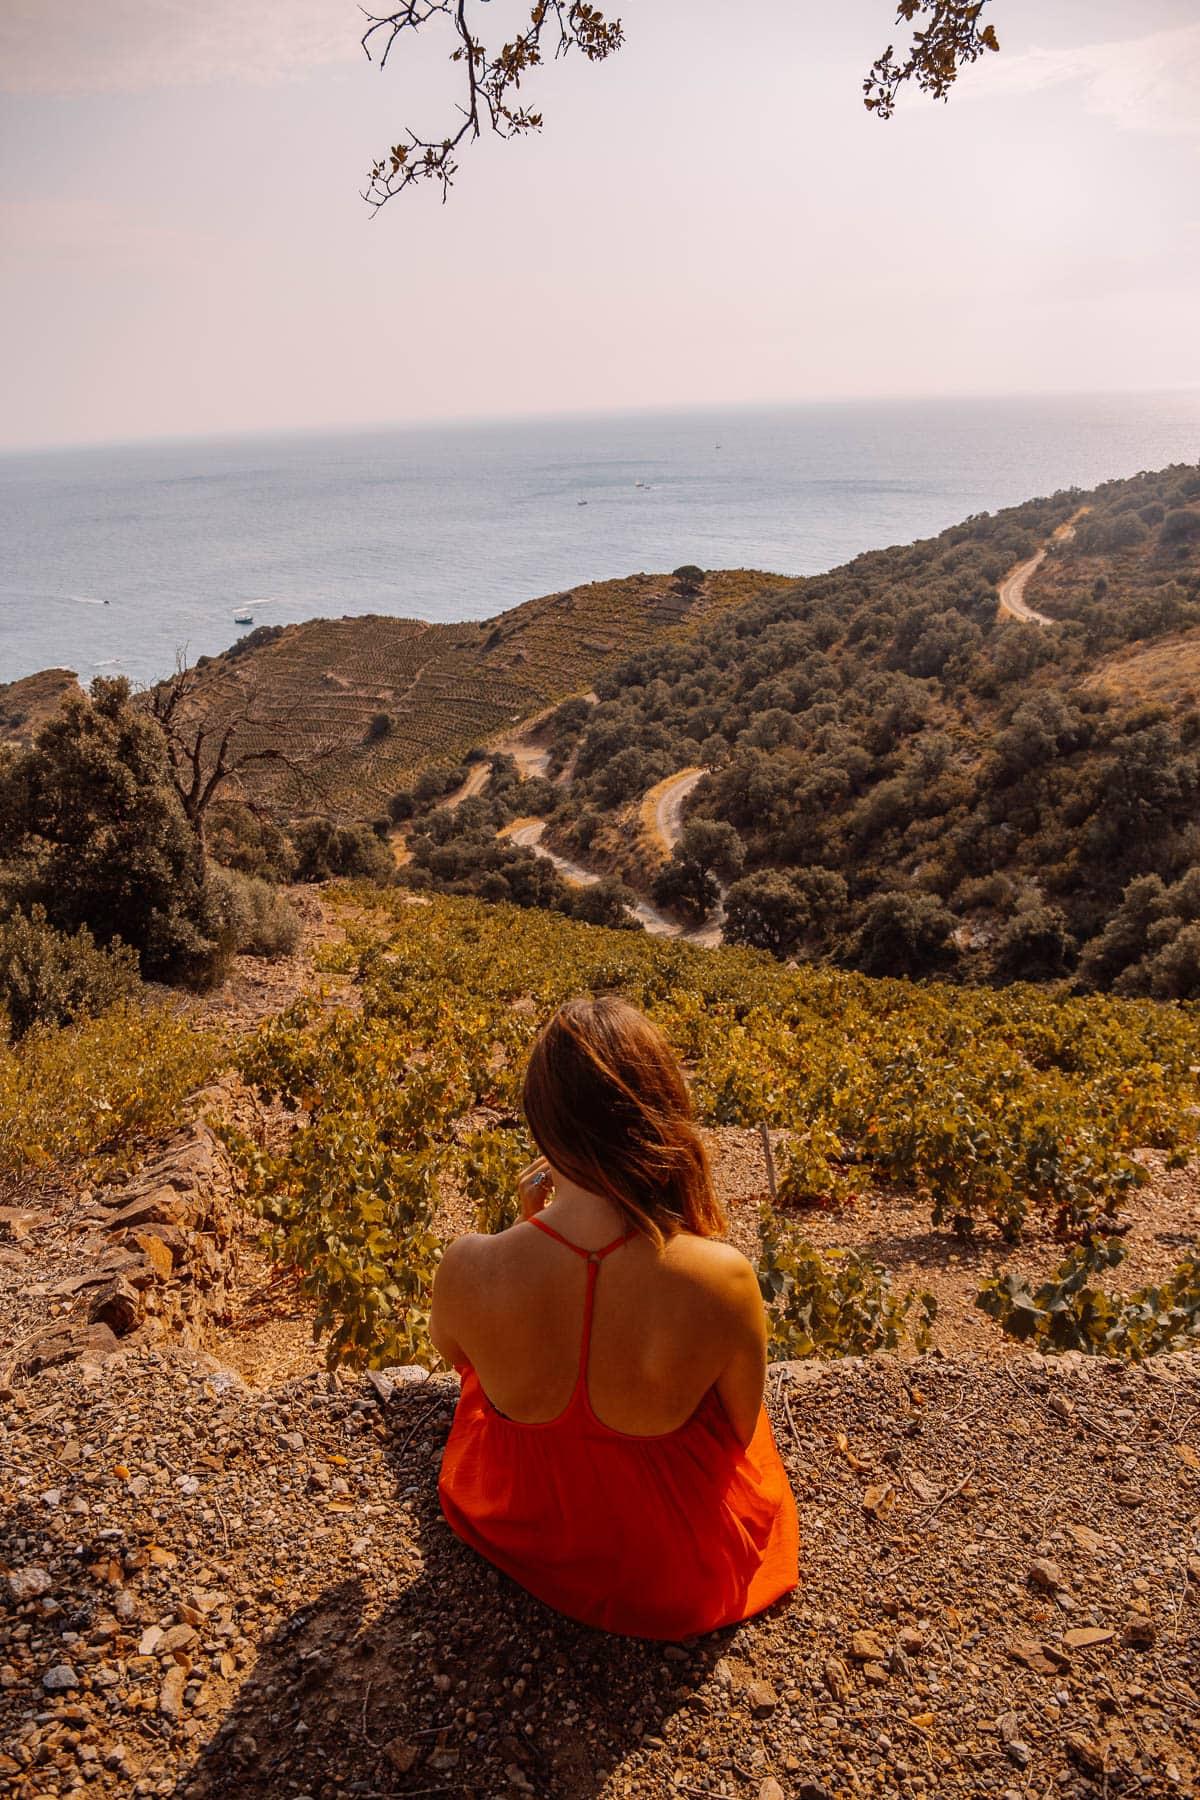 Banyuls Sur Mer - Top 5 Ausflugsziele im Roussillon in Südfrankreich